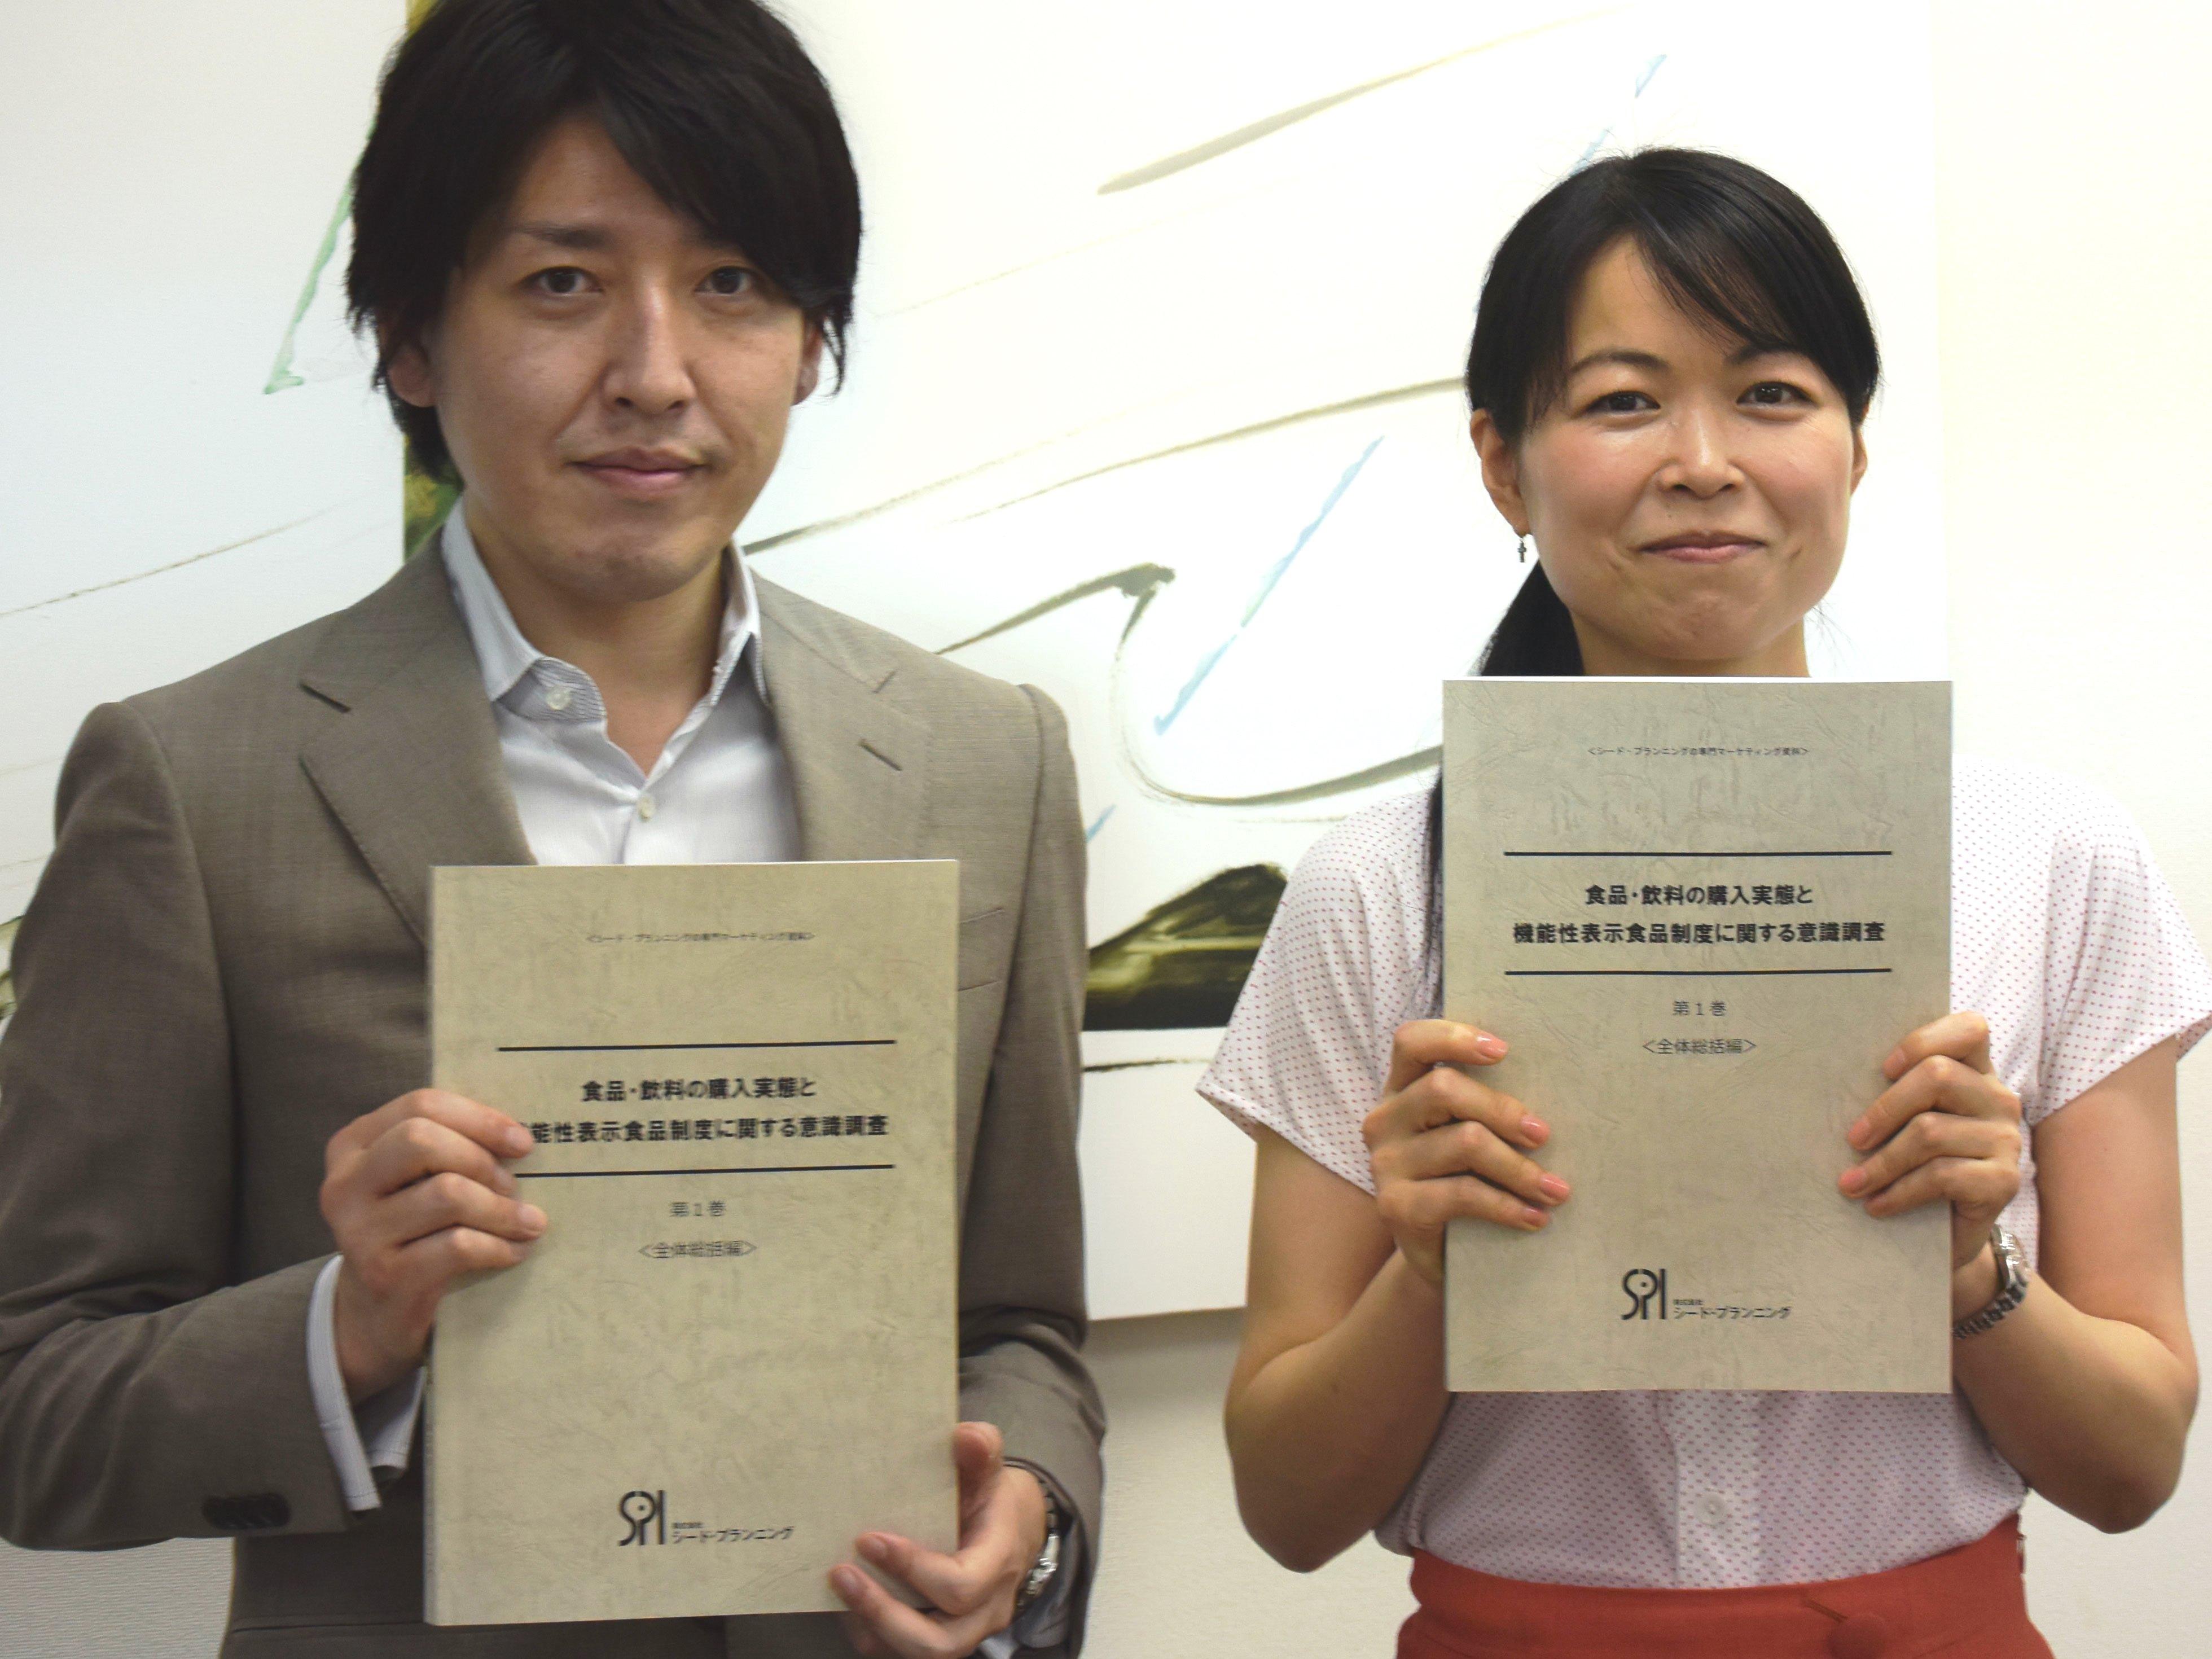 左:株式会社イード リサーチ事業本部リサーチ事業部の田村嘉康、右:株式会社シードプランニングの奥山裕子氏。機能性表示食品制度に関する意識調査をもとにした対談(インタビュー実施日:2015年5月20日)。